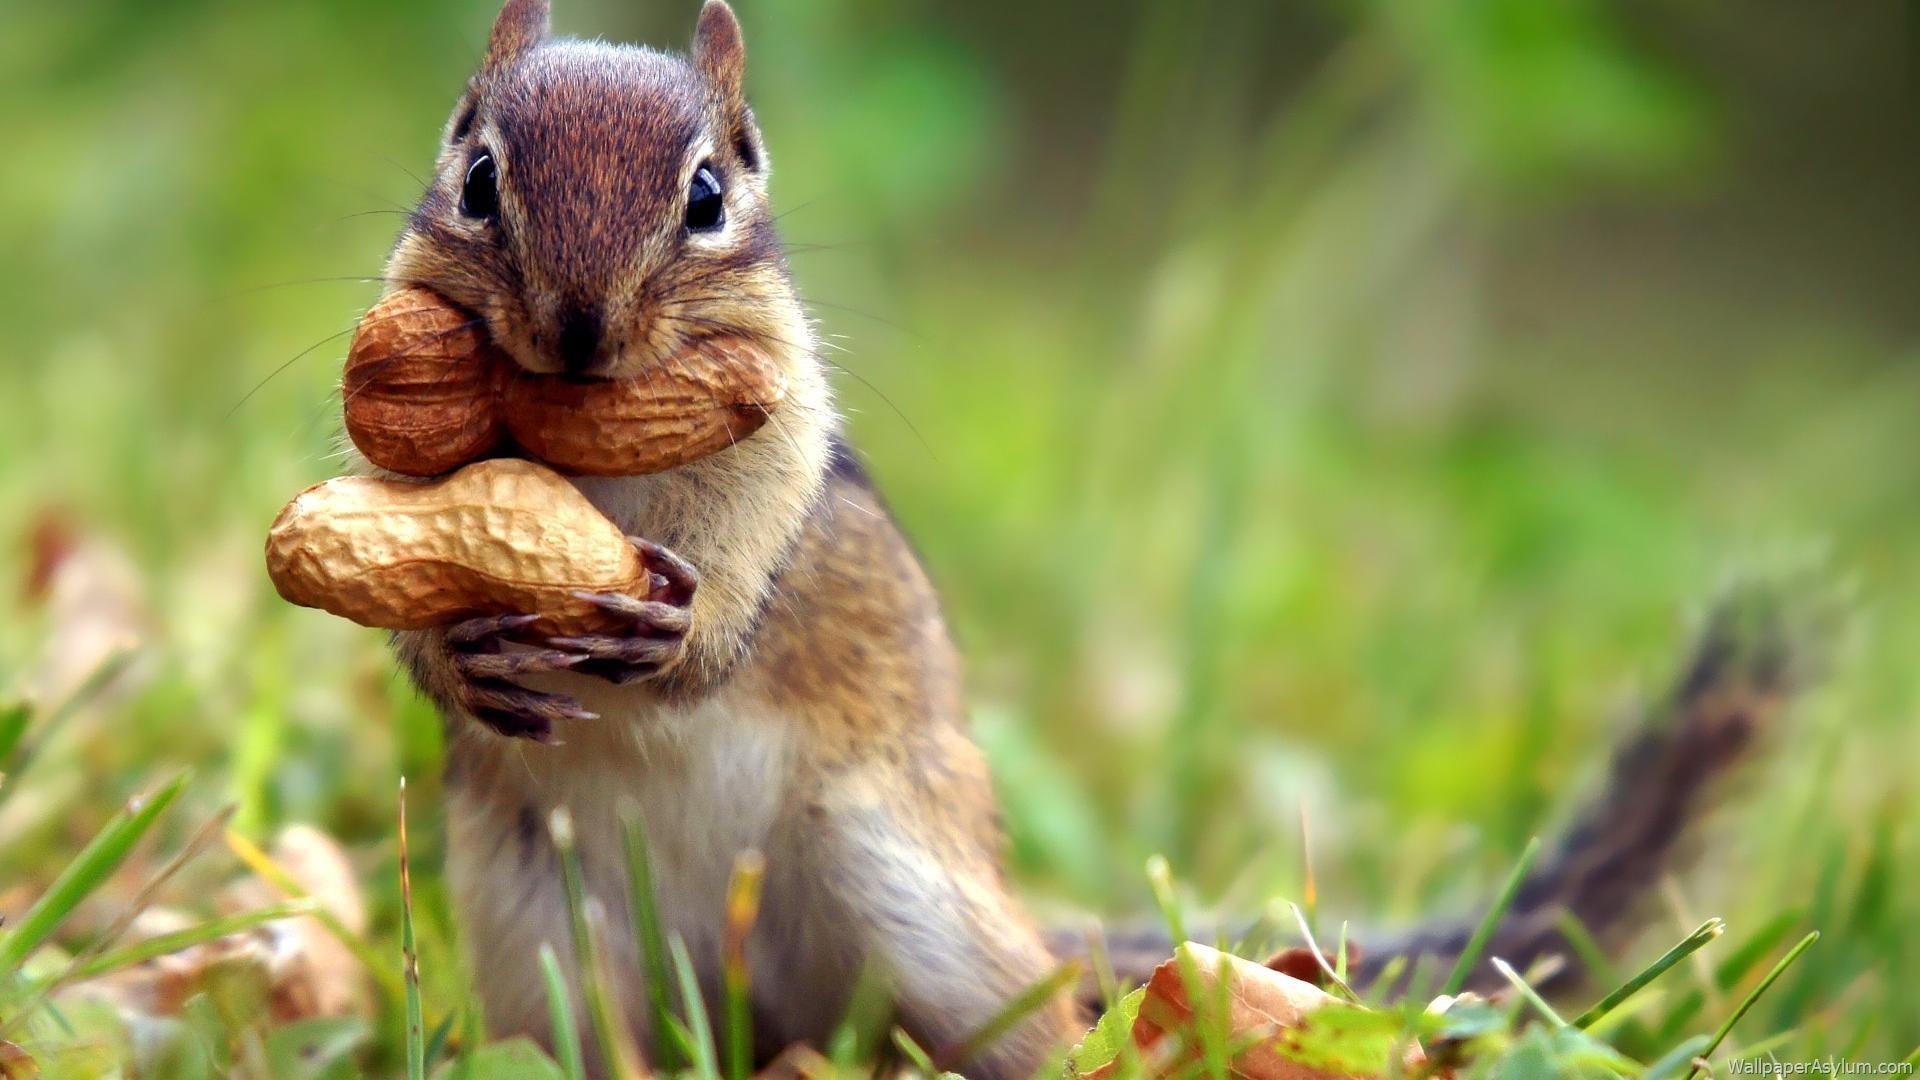 http://s3.picofile.com/file/8203821434/Squirrel_Wallpaper_15.jpg